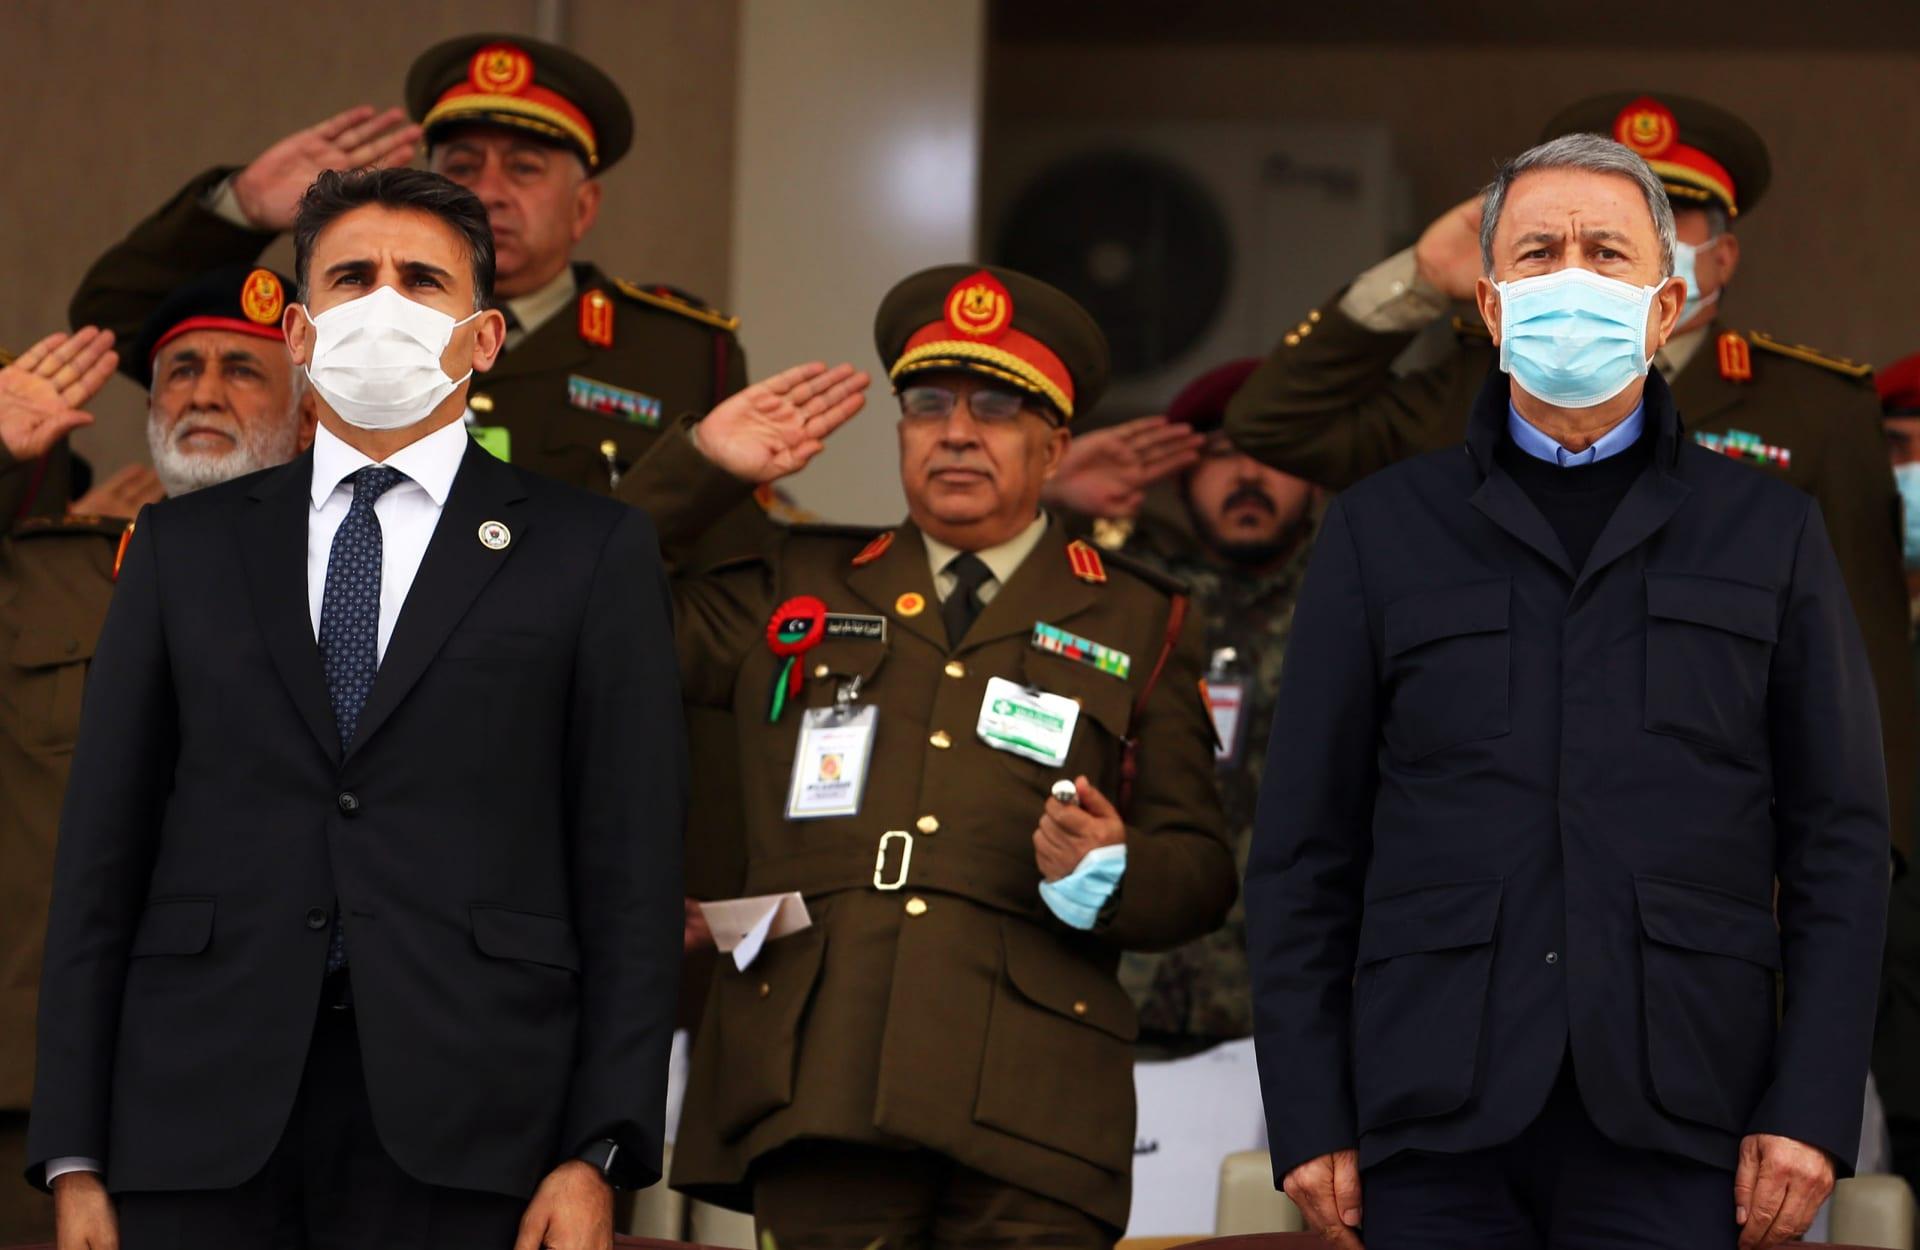 فيديو وصول وفد تركي عسكري رفيع إلى ليبيا يثير تساؤلات حول التوقيت والدلالات